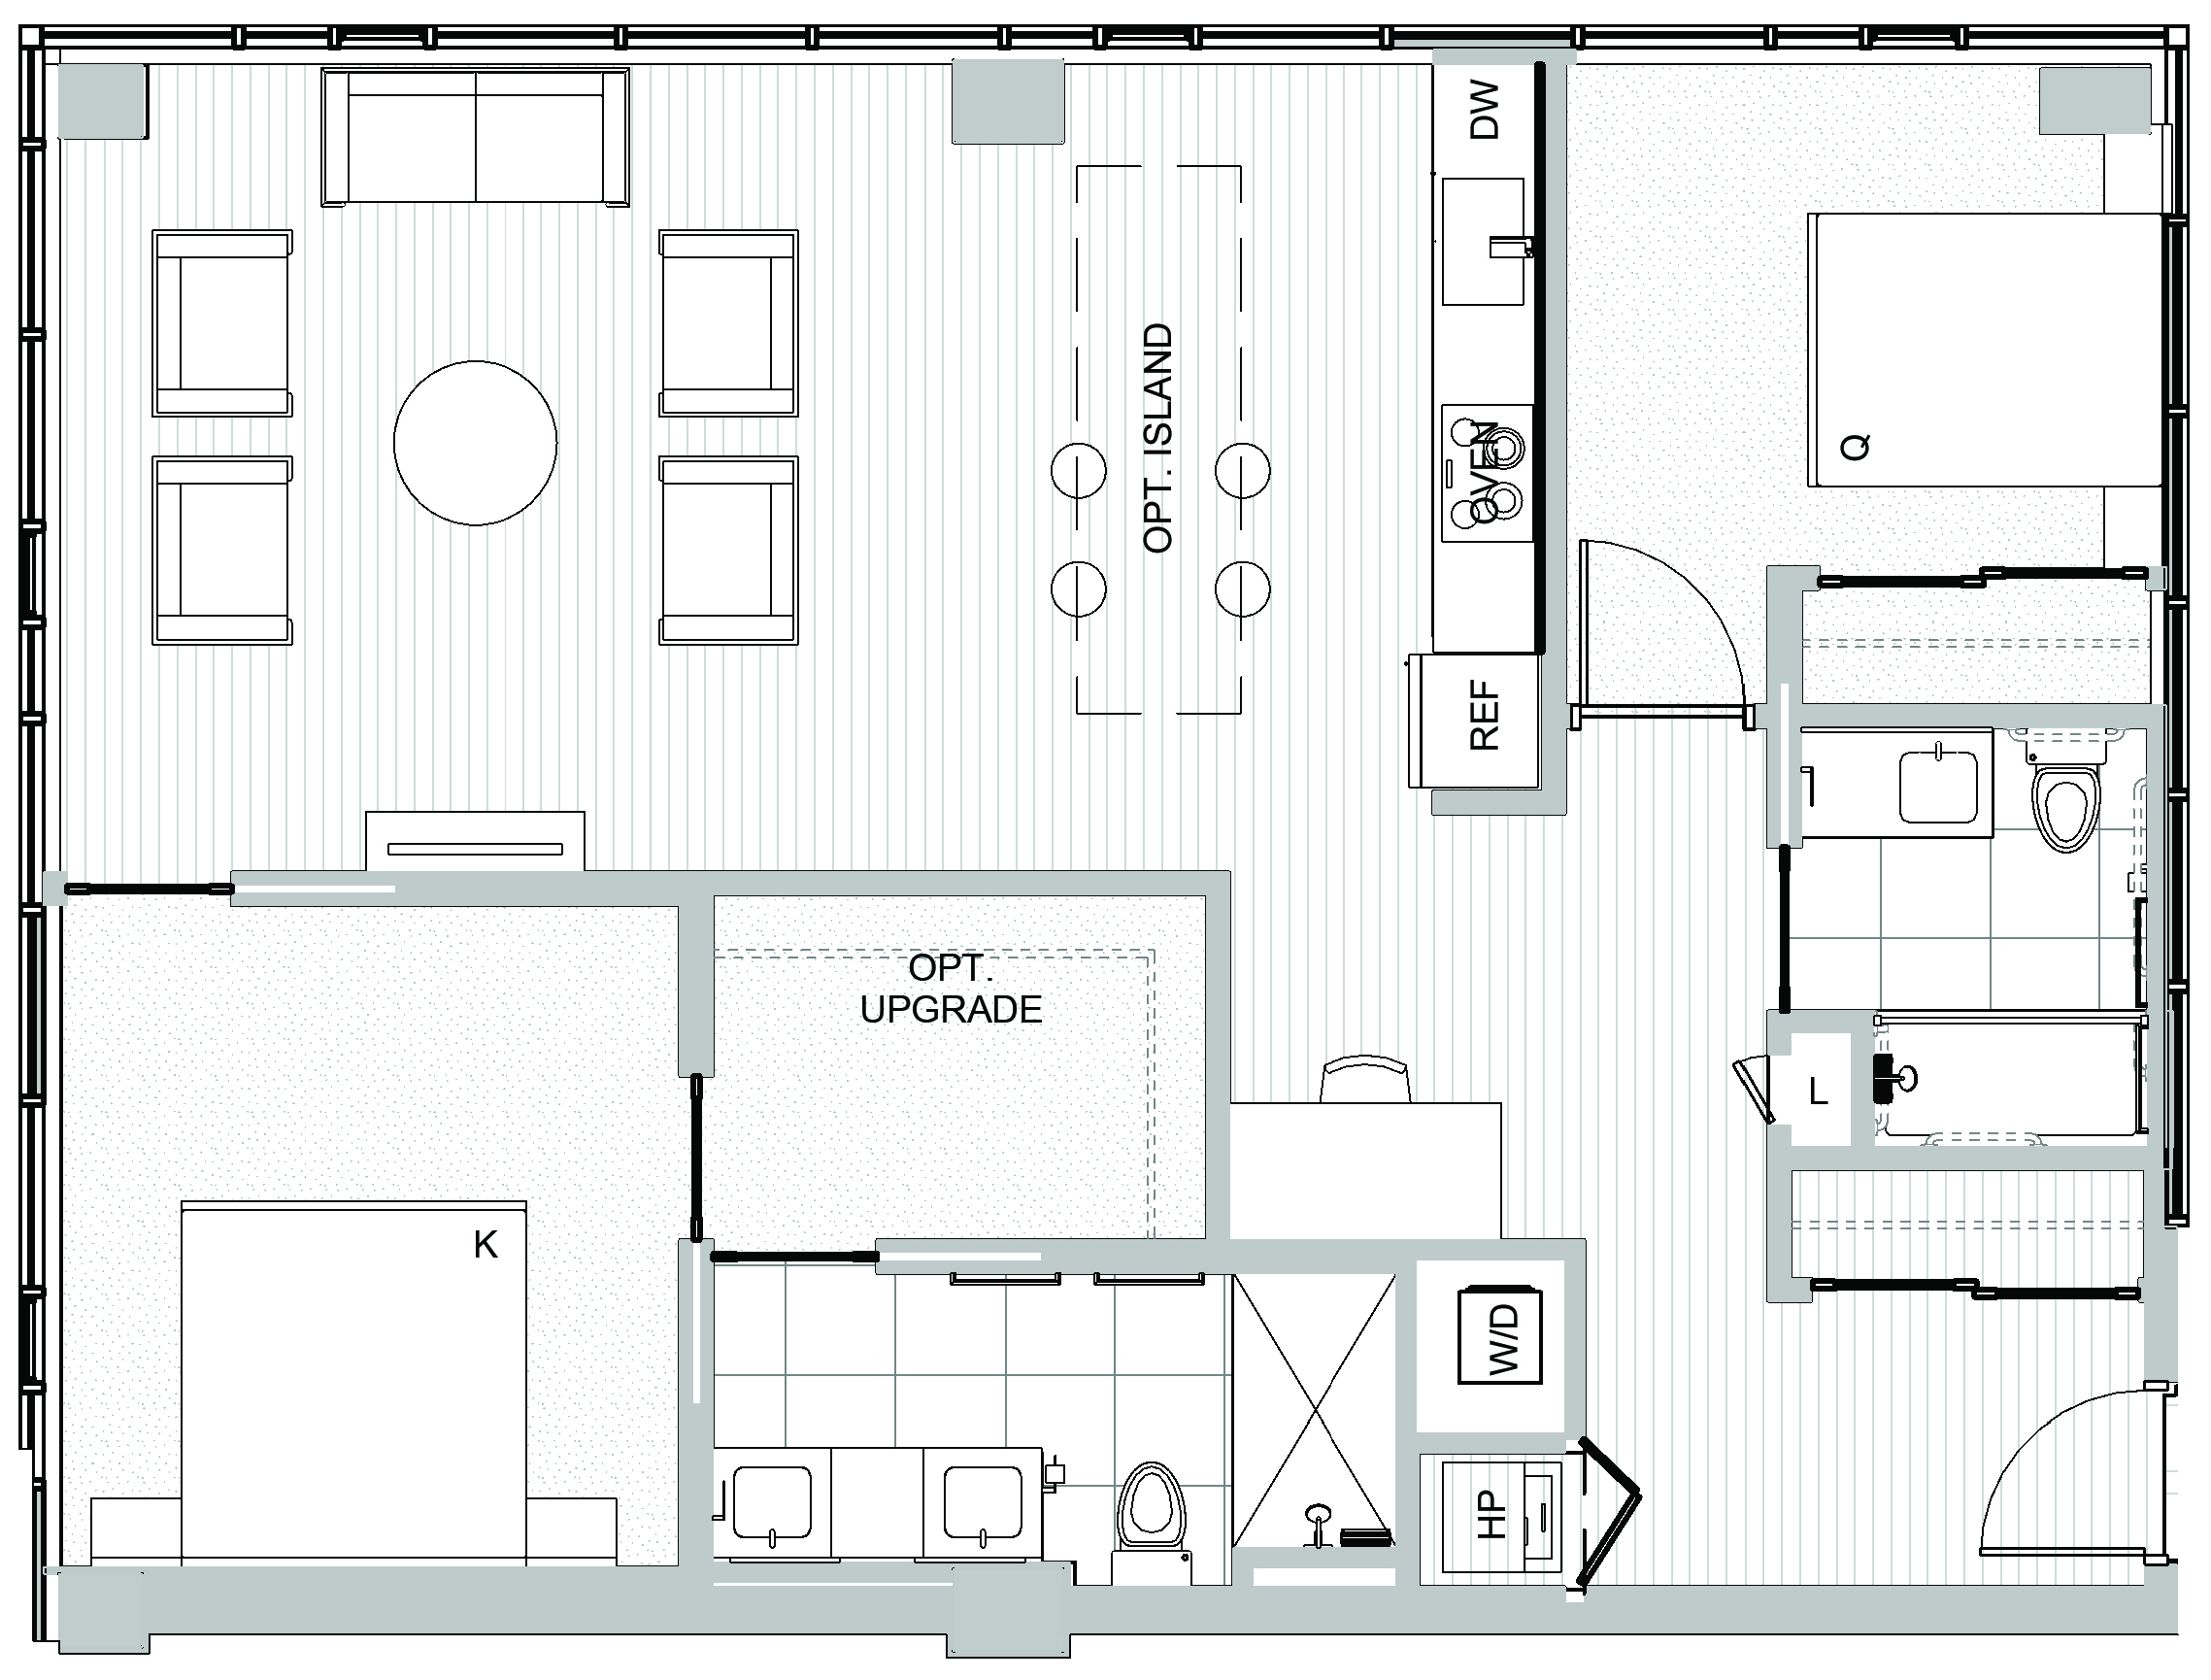 2 bedroom condos in Seattle - Koda Condominiums